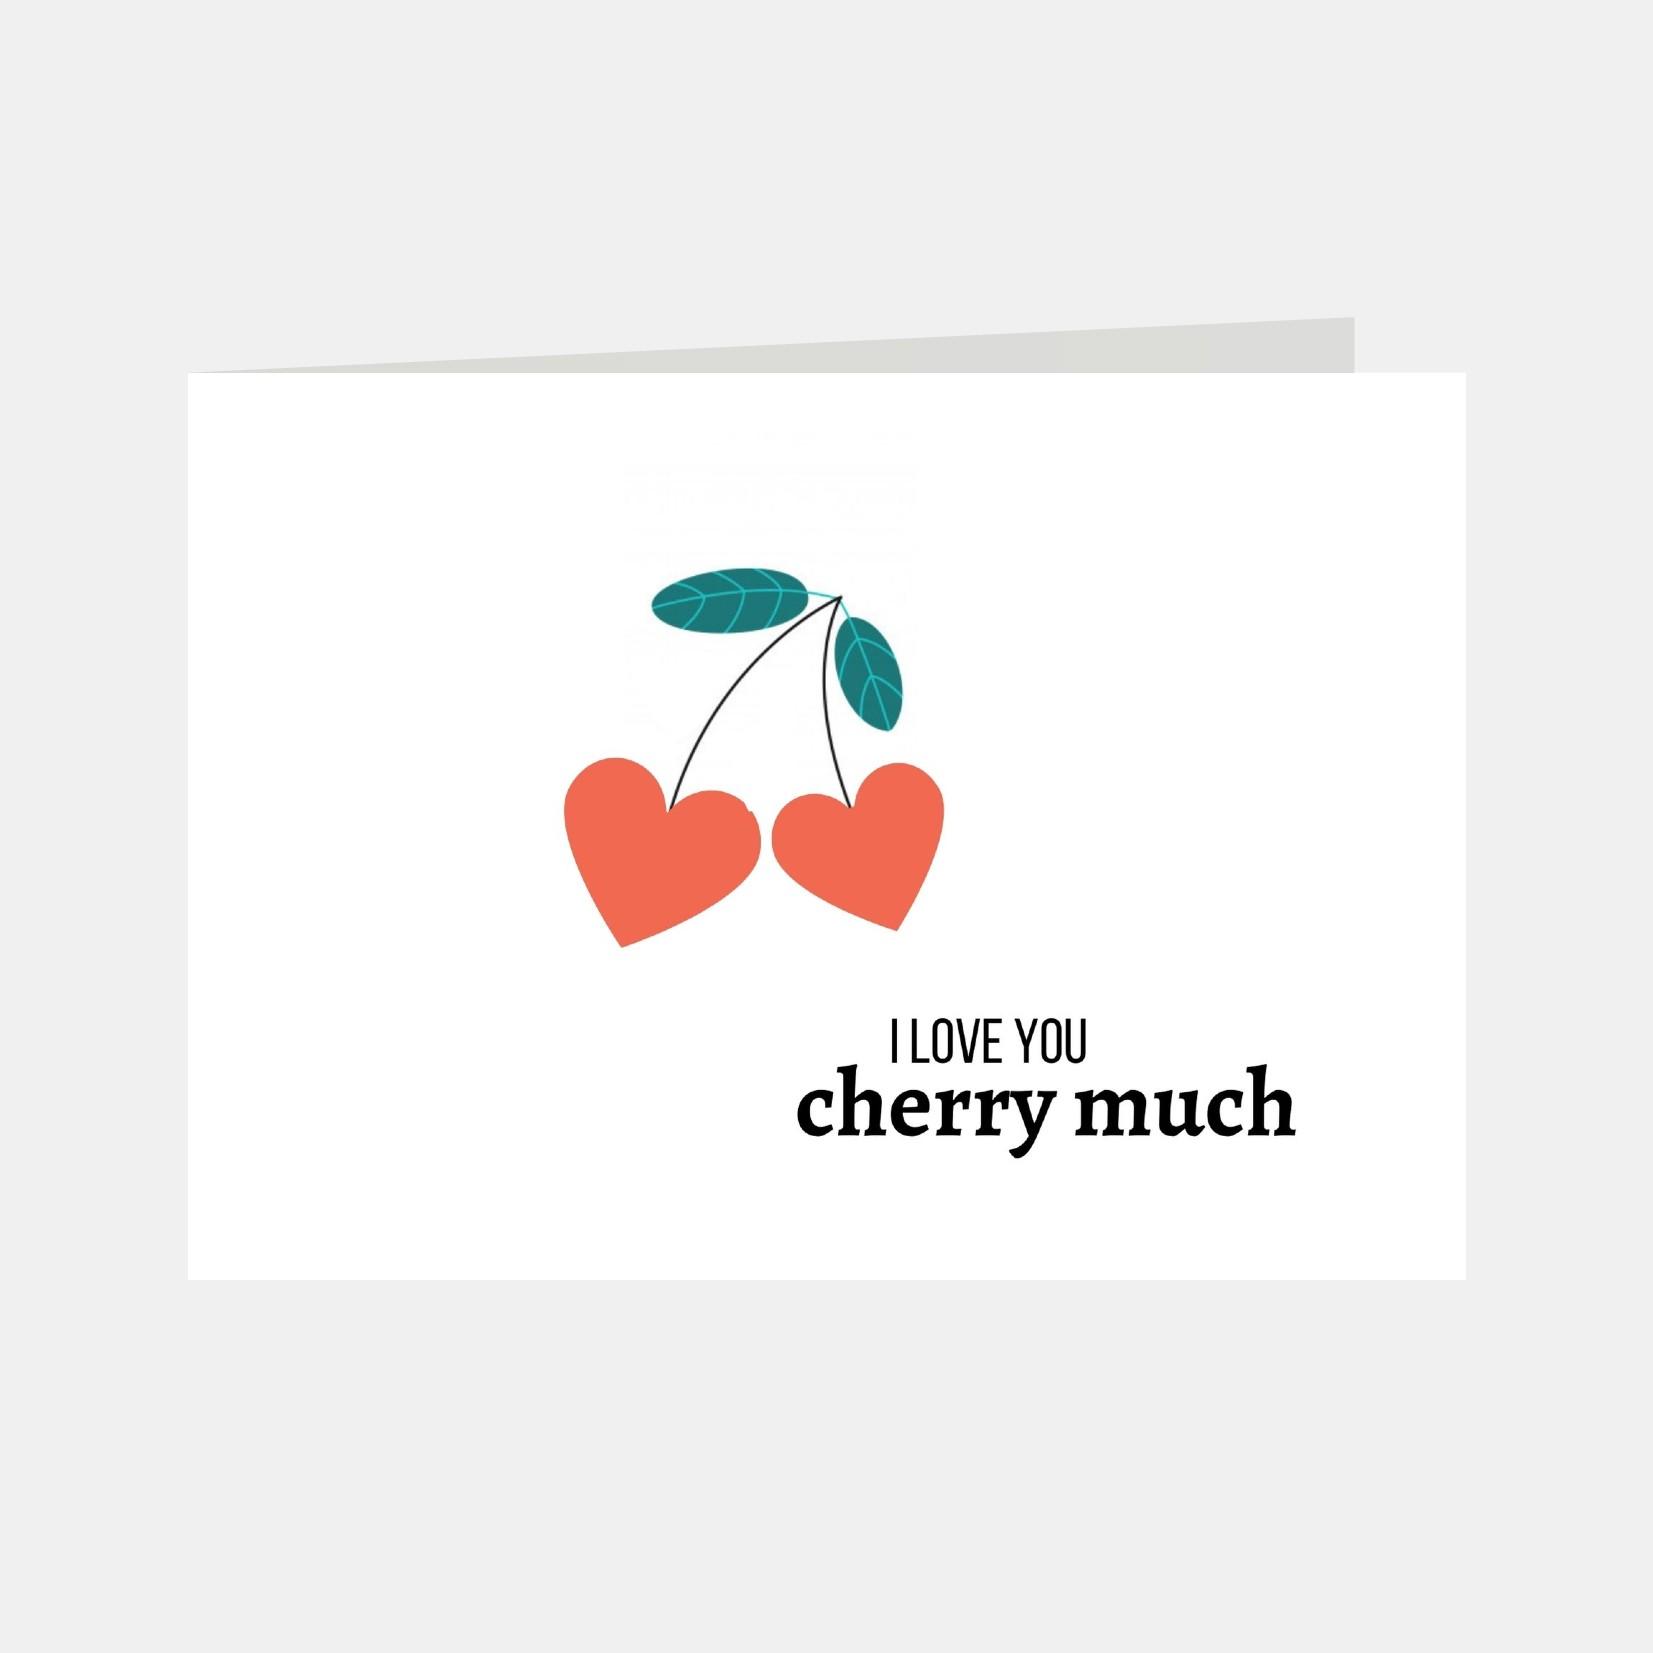 Wenskaart met de tekst I love you cherry much en de afbeelding van kersen